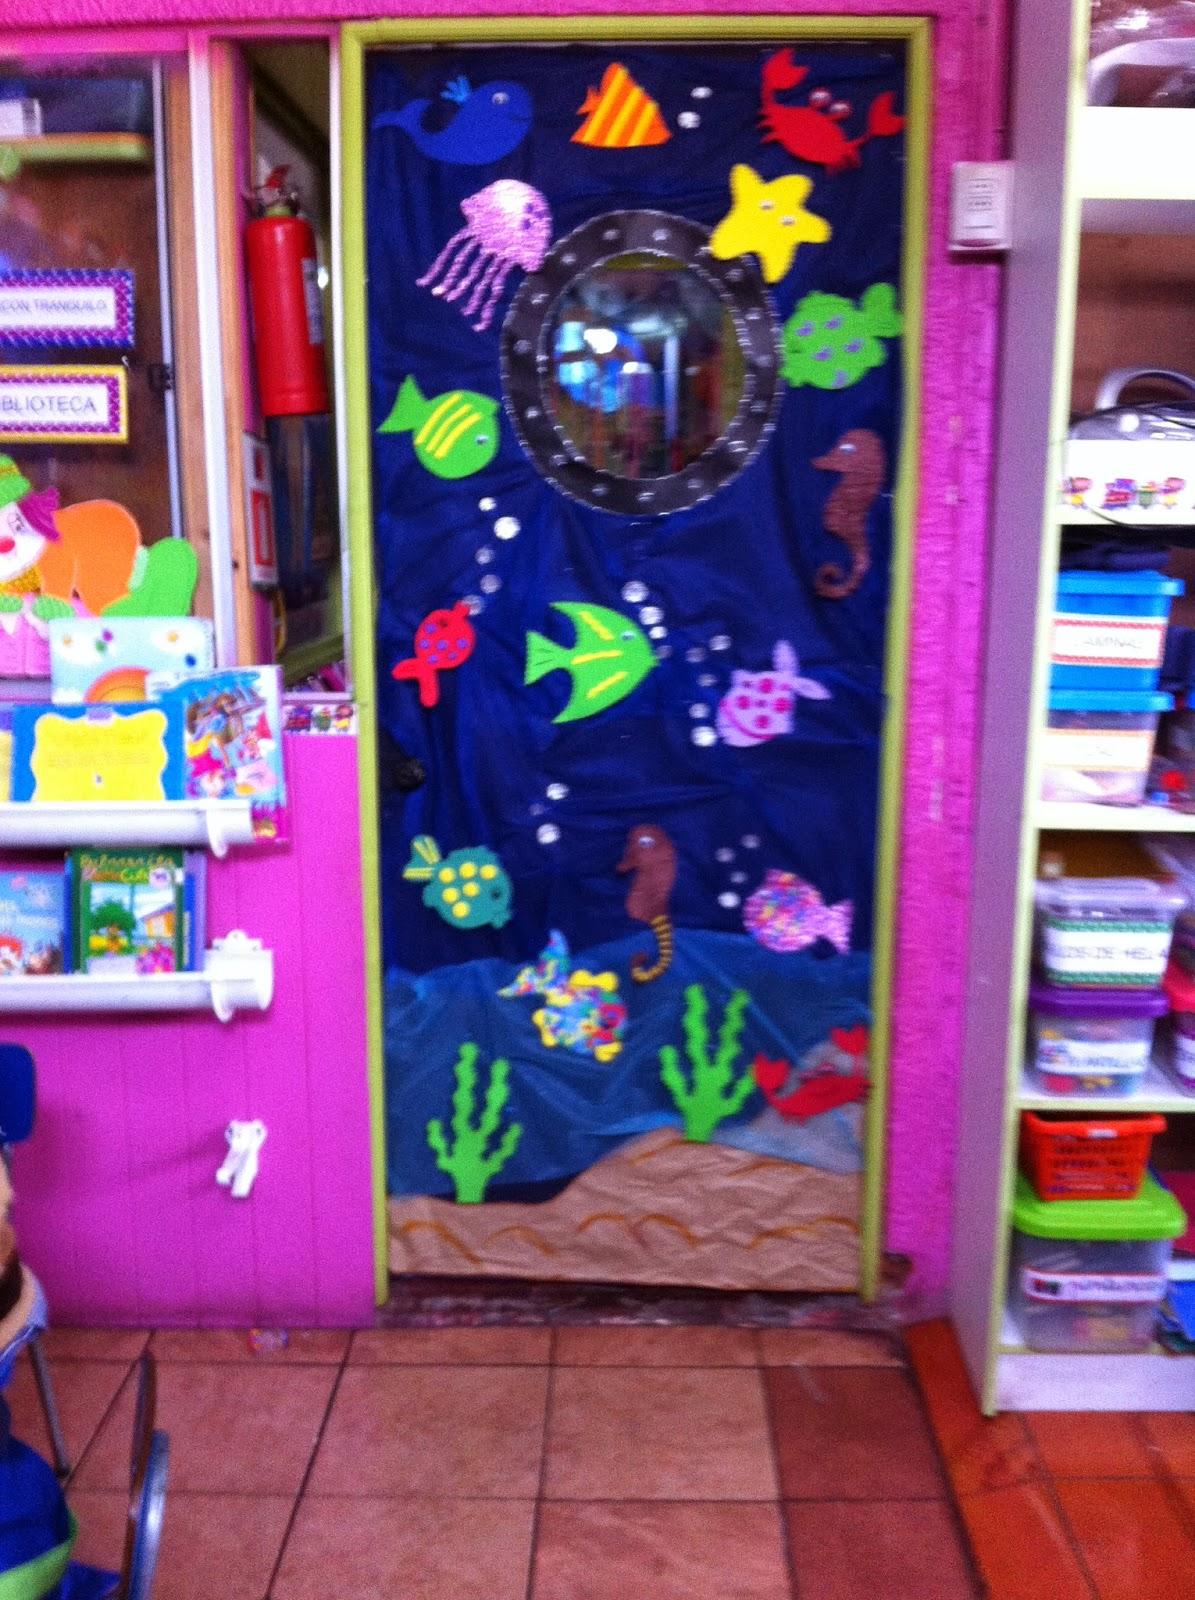 Jard n infantil un mundo de amor muestra de decoraci n for Puertas decoradas para el 10 de mayo